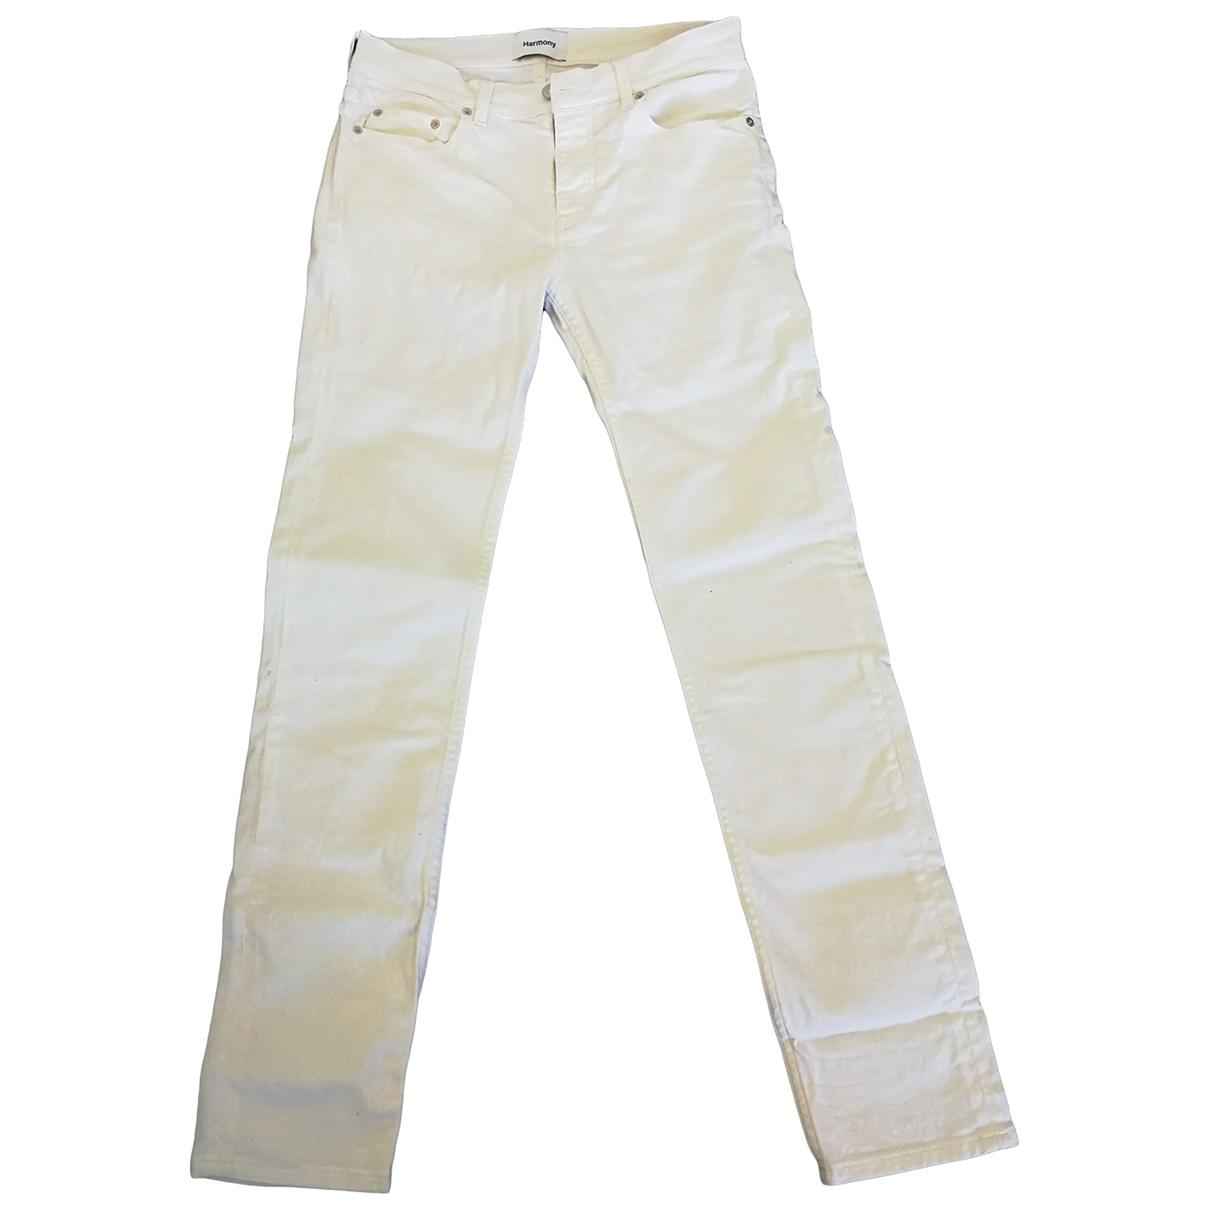 Harmony \N White Denim - Jeans Jeans for Women 32 FR